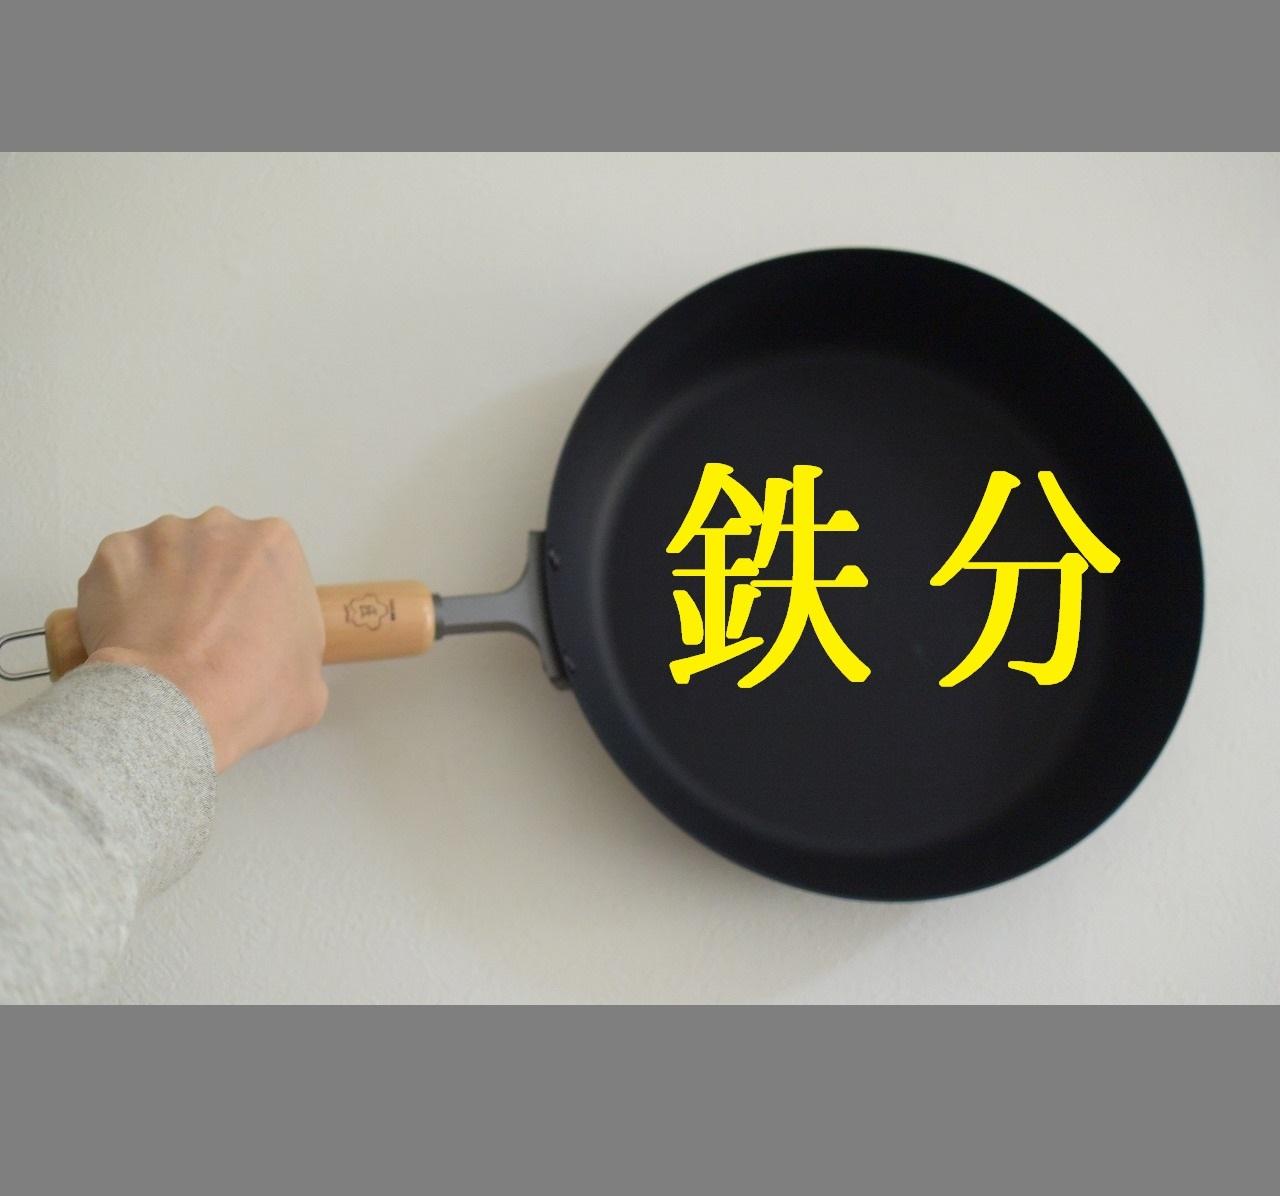 鉄鍋や鉄フライパンで鉄分が摂れるって本当?貧血予防にも効果があるって?